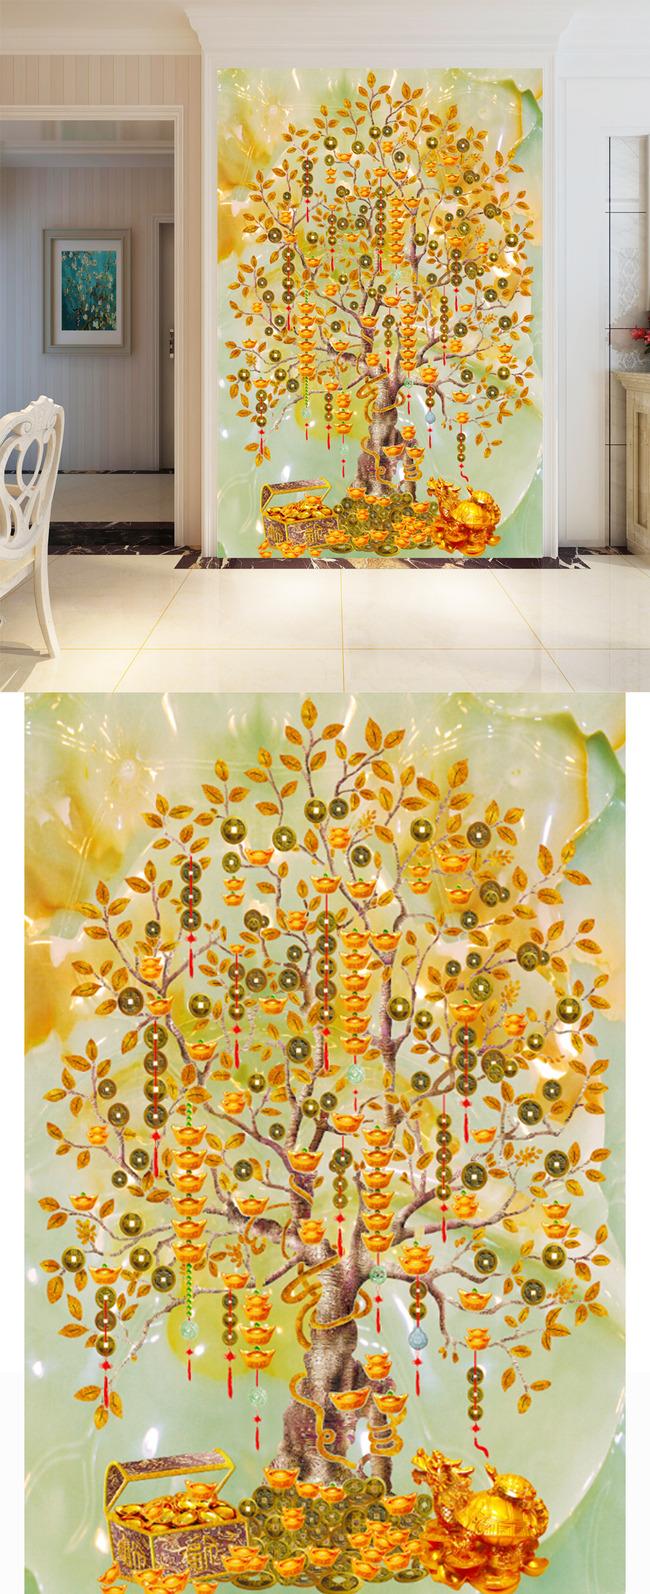 立体 3d 室内装饰壁画 手绘壁画 壁画背景墙 房间壁画 家庭壁画 客厅